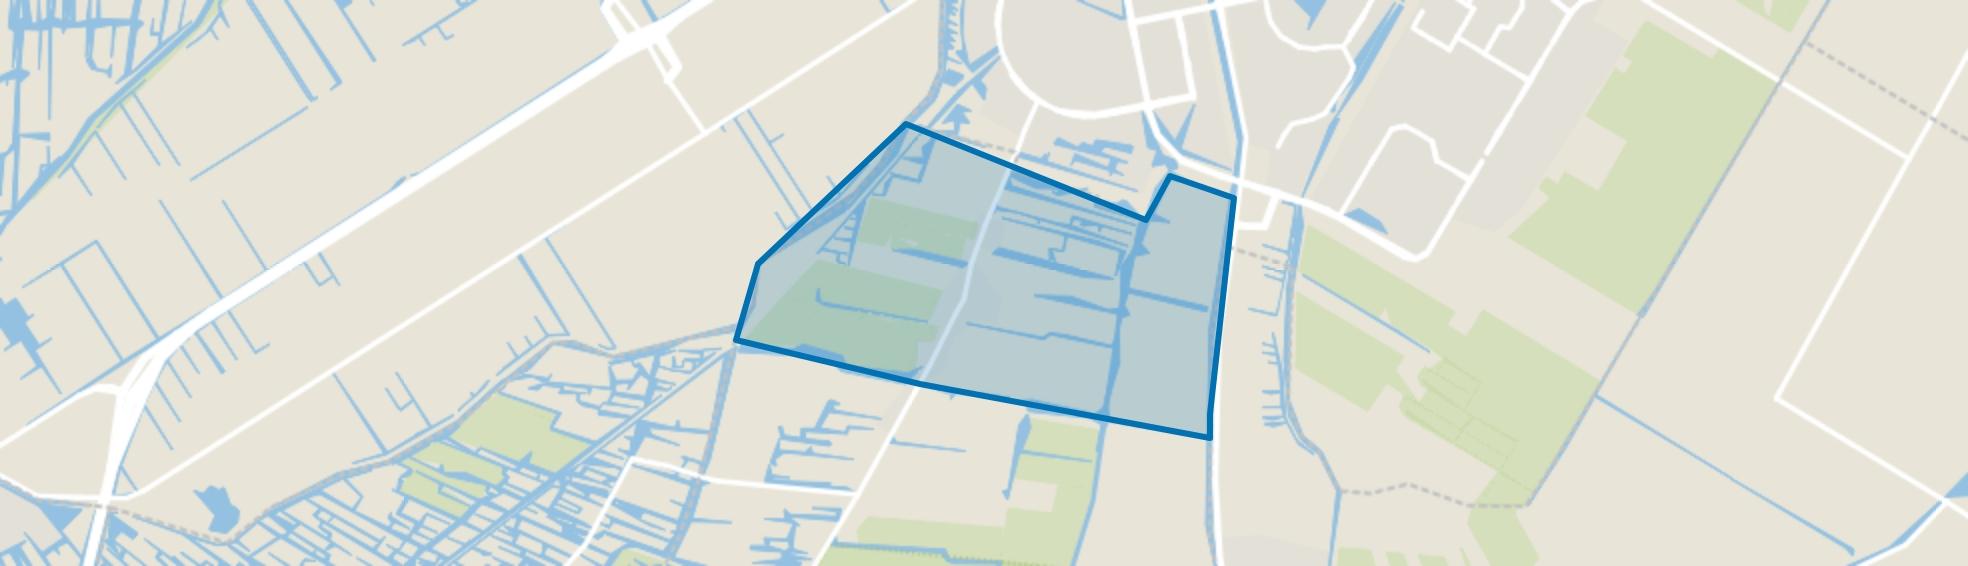 Purmerland, Landsmeer map